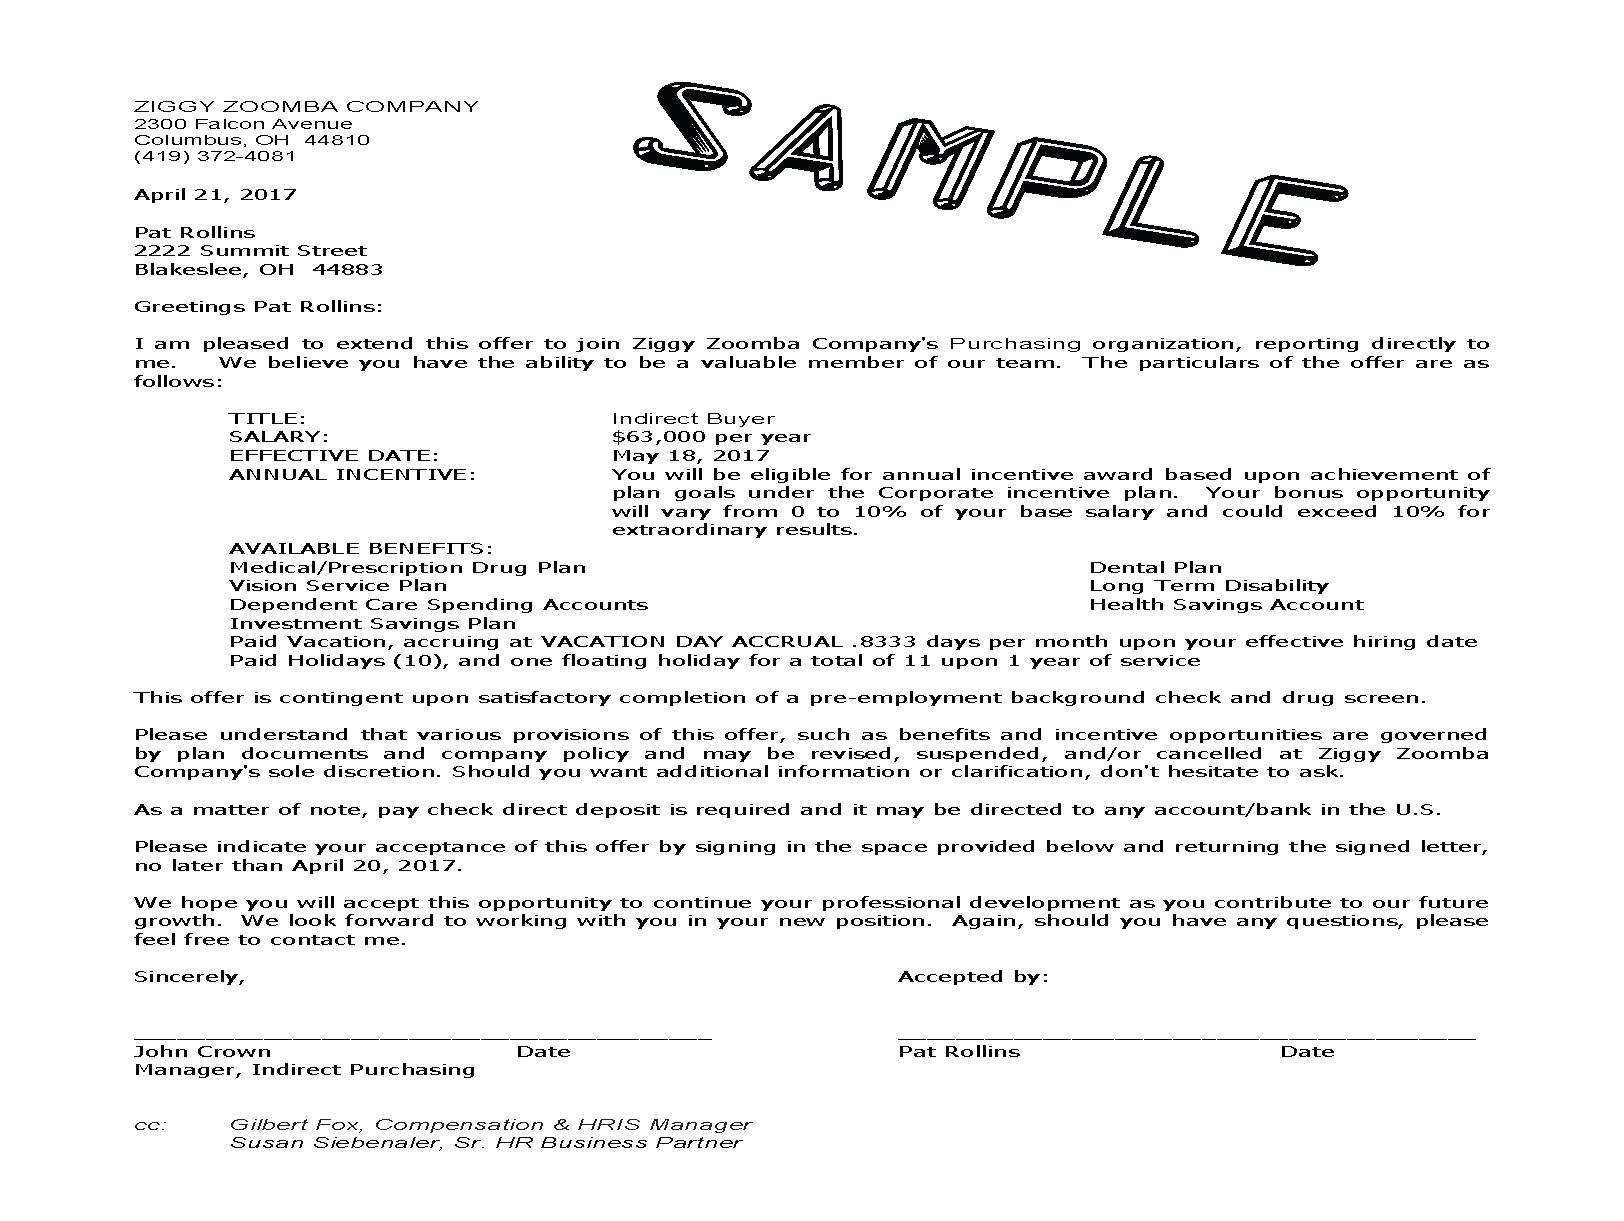 Employment Counter Offer Letter Template - Job Fer Letter Template Us Copy Counter Fer Letter Sample